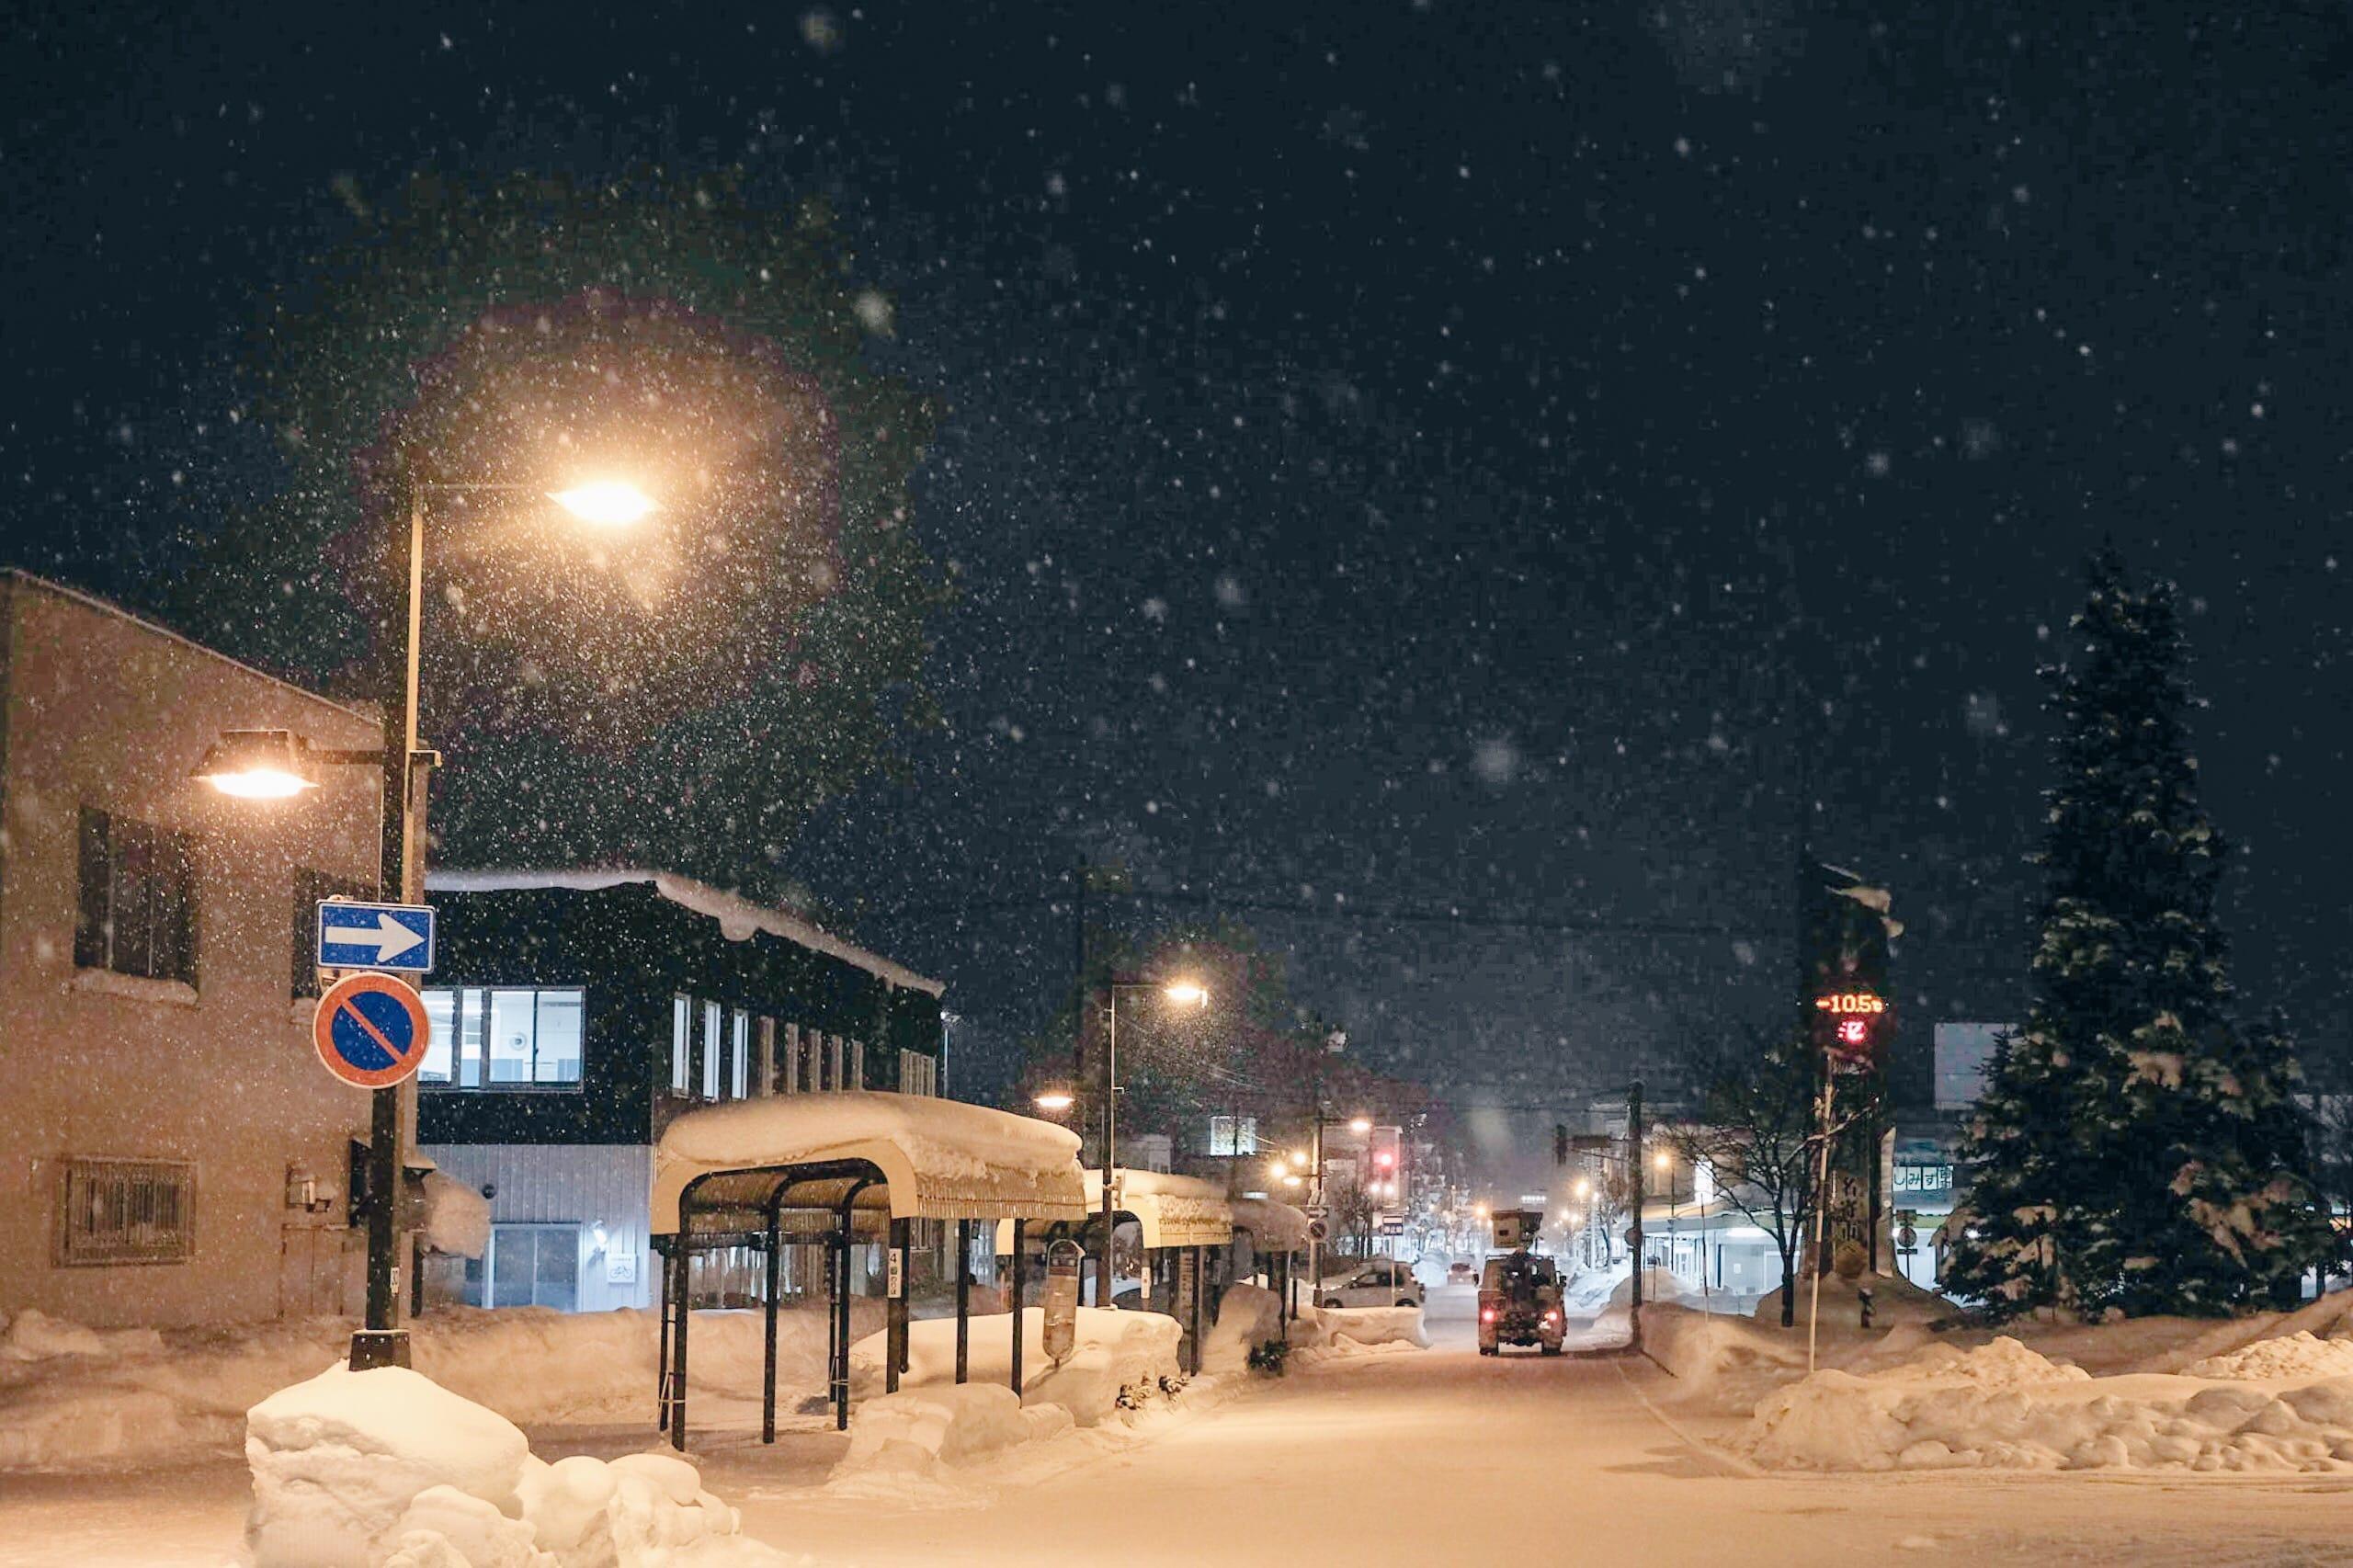 東京から北海道へ。下川暮らし、はじまります|下川移住体験記【前編】#旅とFUJI